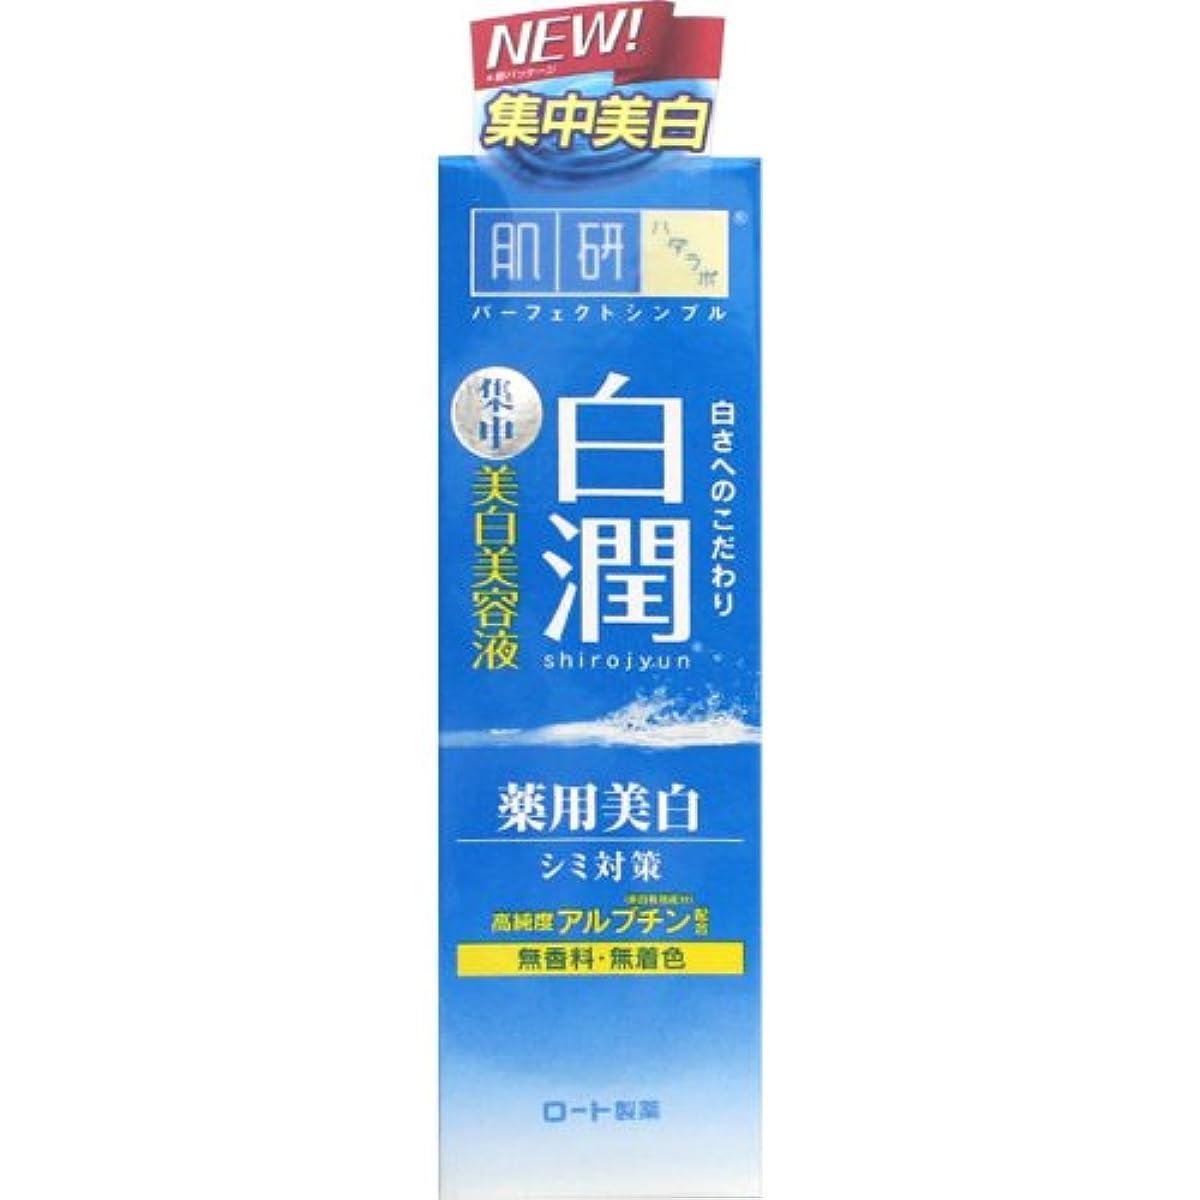 하다라보 백윤약용 미백 미용액 30g (의약부외품)-BU11J02264